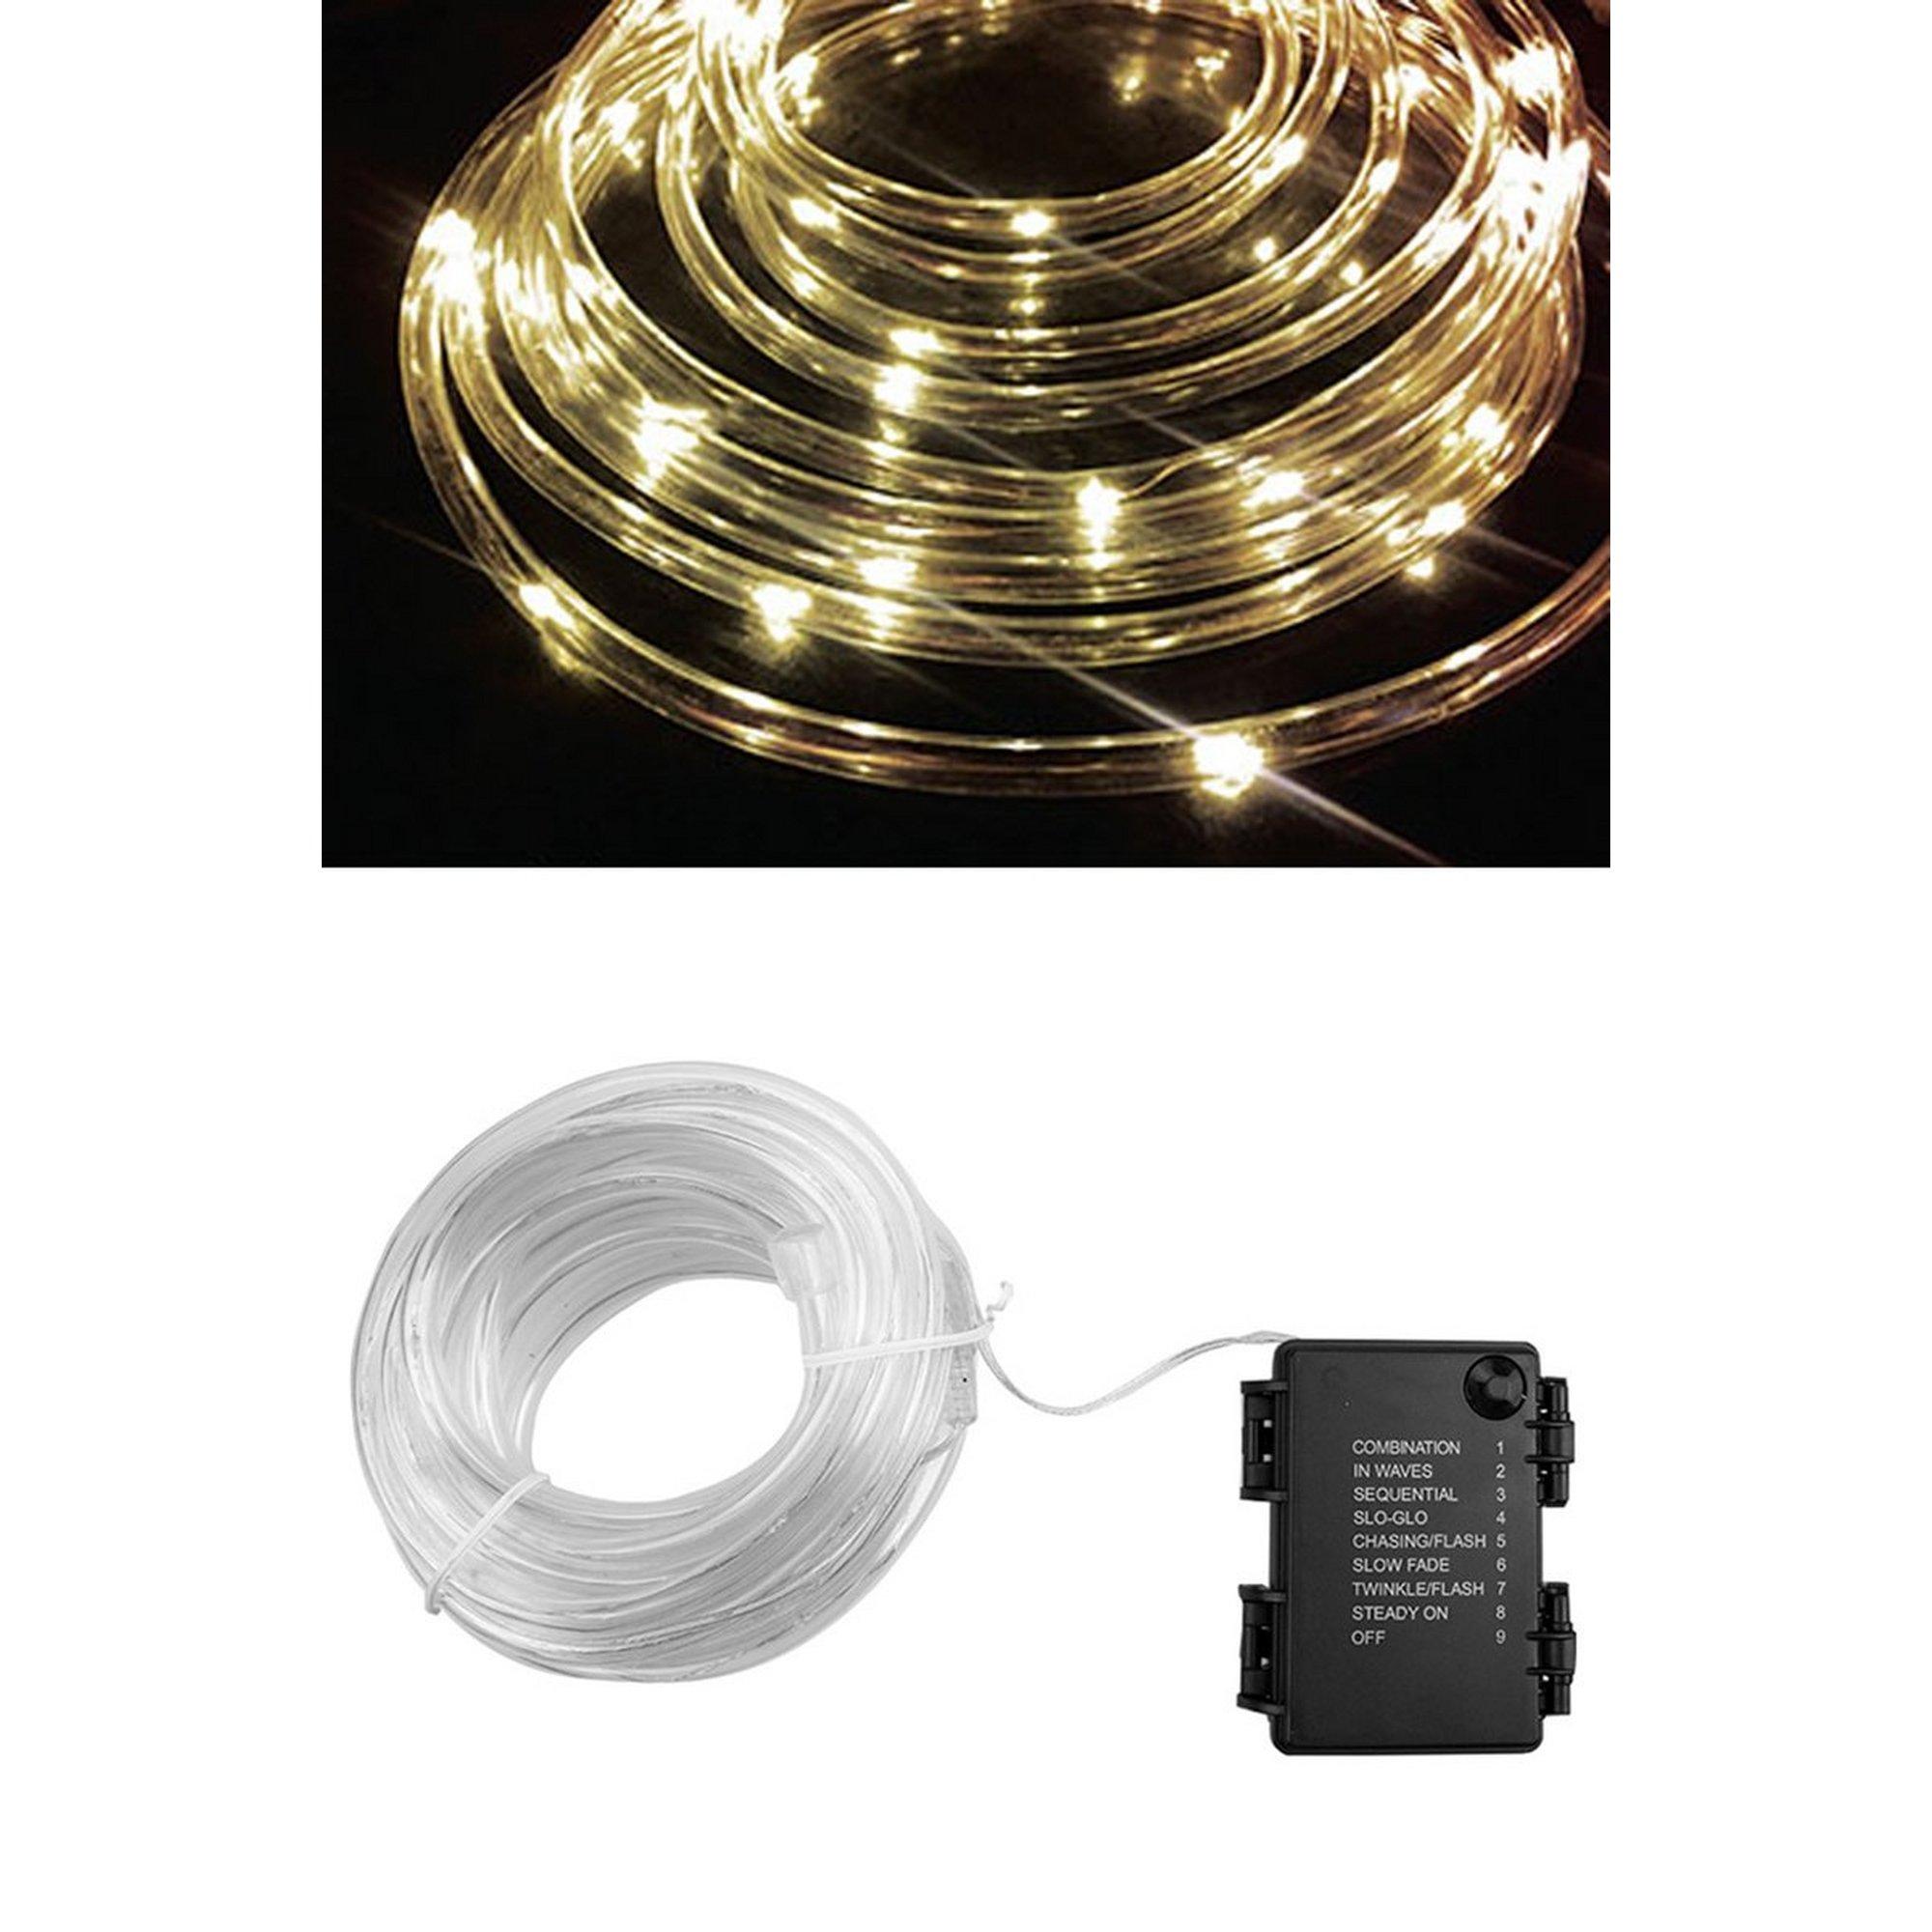 Image of 40 LED Rope Lights Warm White